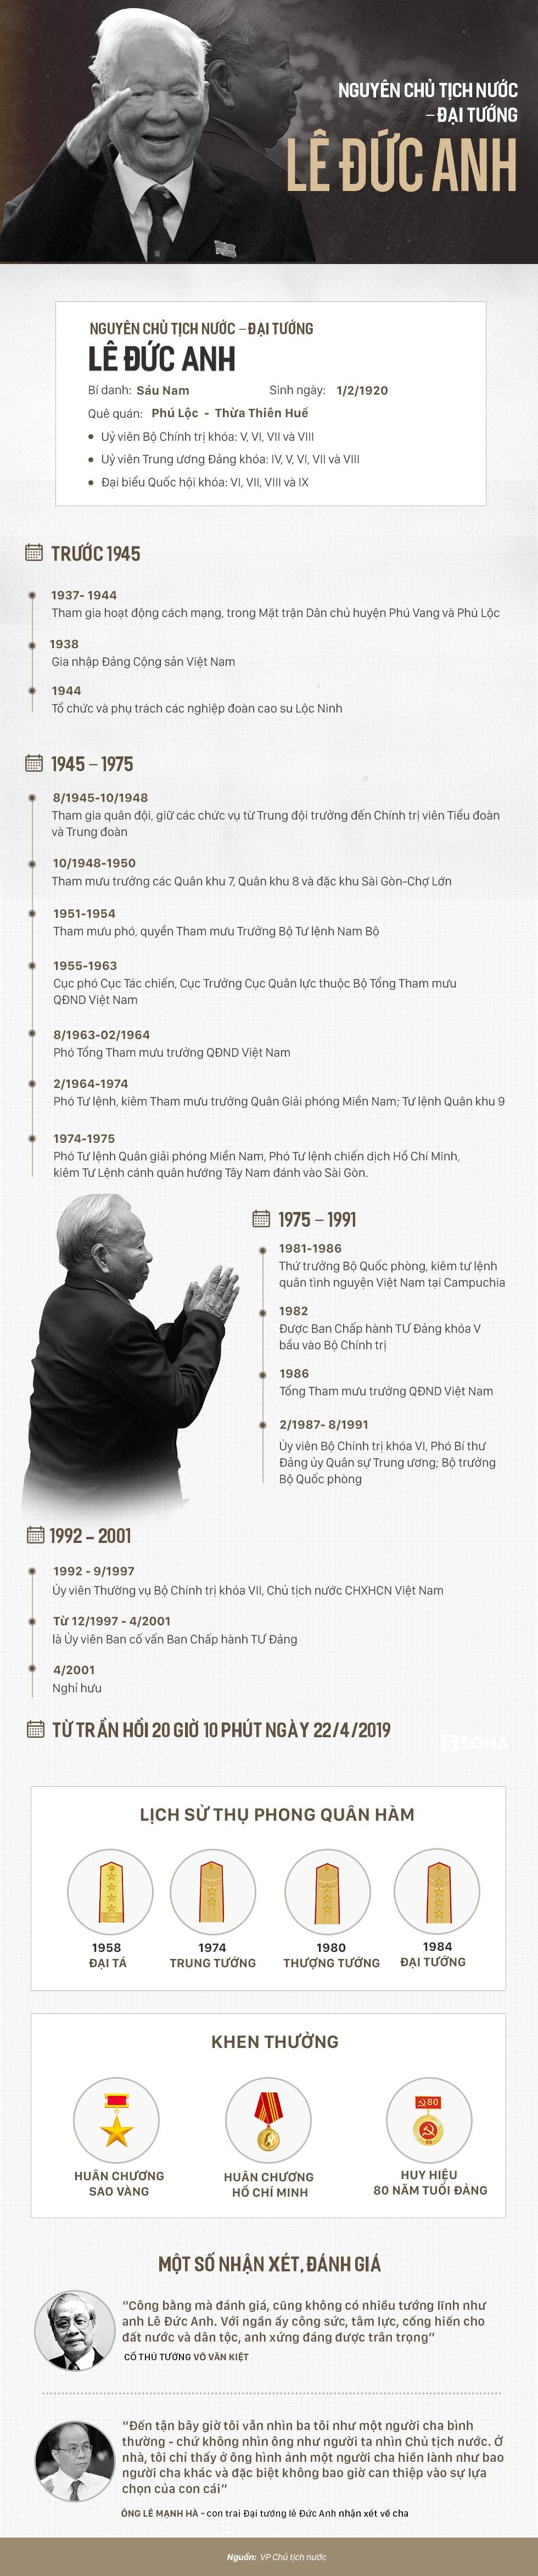 Cuộc đời, sự nghiệp lẫy lừng của nguyên Chủ tịch nước Lê Đức Anh - Ảnh 1.